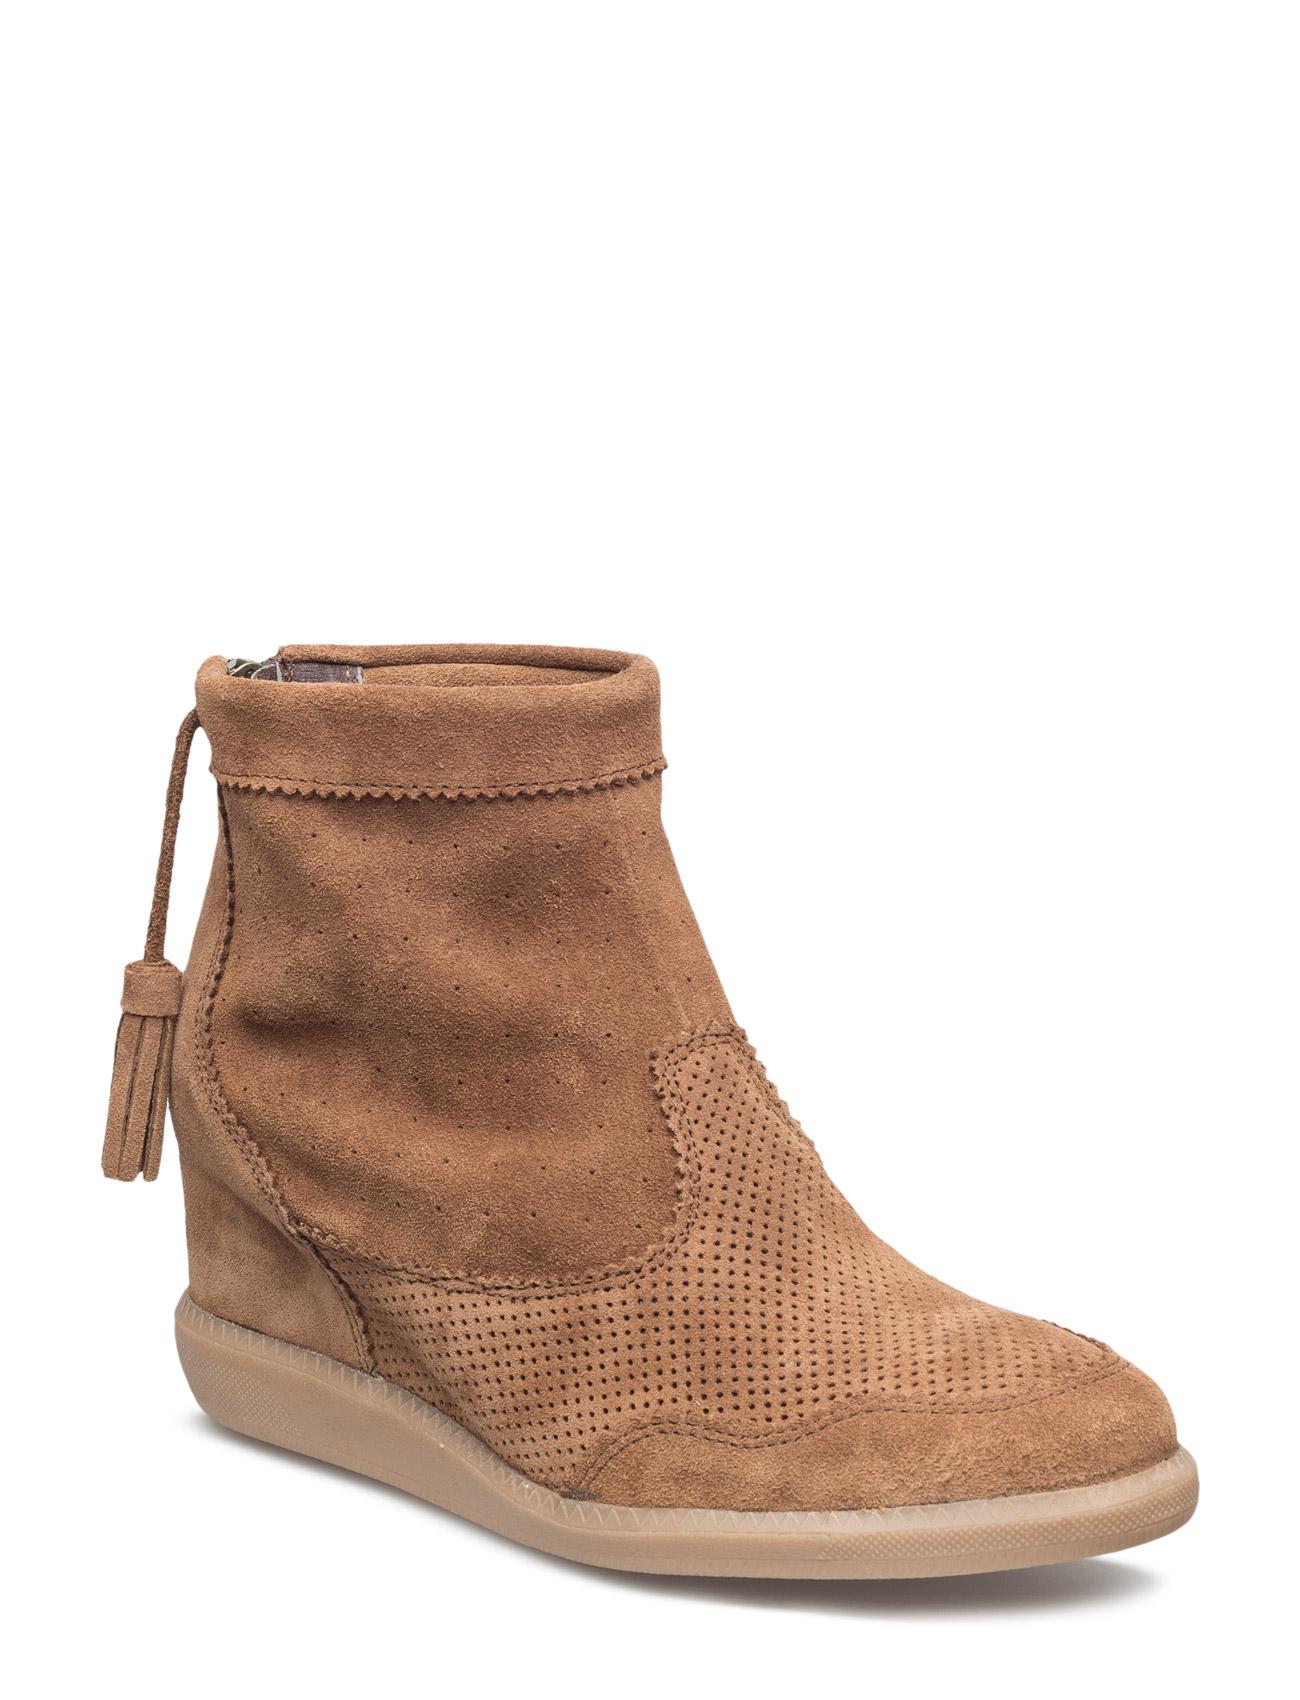 Vega Pavement Støvler til Damer i